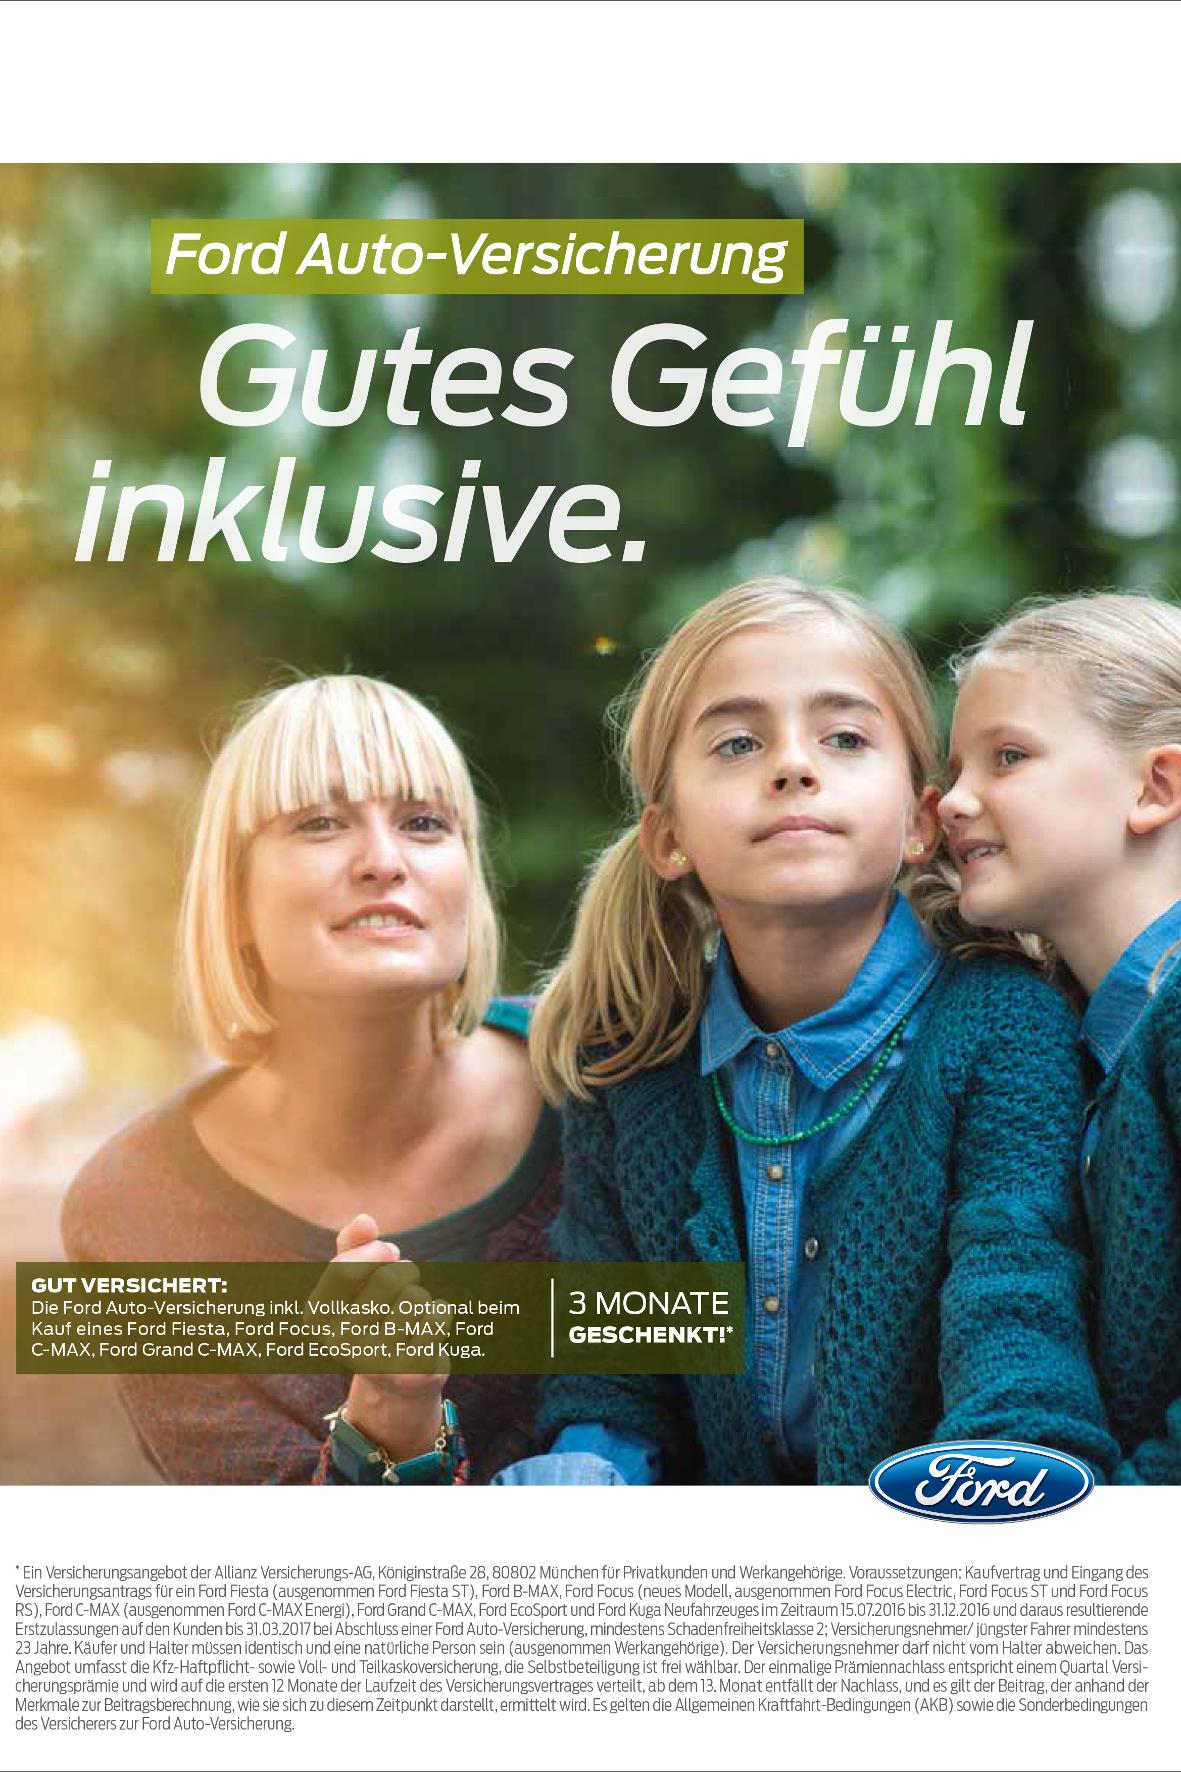 mid Groß-Gerau - Ford übernimmt für Neuwagenkäufer bis Jahresende die Versicherungskosten für die ersten drei Monate.